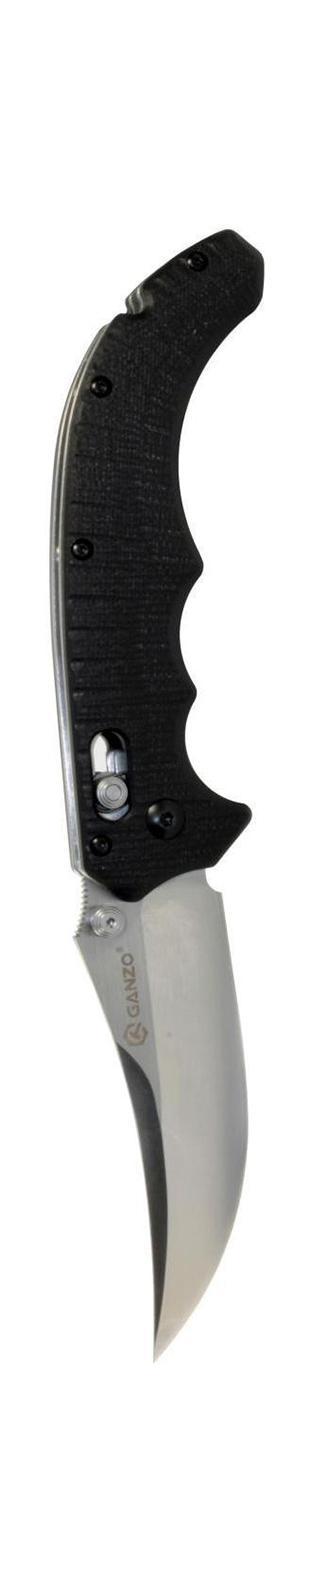 Нож туристический Ganzo, складной. G712G712Складной нож Ganzo G712 всегда найдет себе применение на даче или в гараже, на рыбалке или охоте. Малые габариты делают его удобным при частой транспортировке. Лезвие выполнено из высококачественной нержавеющей стали.